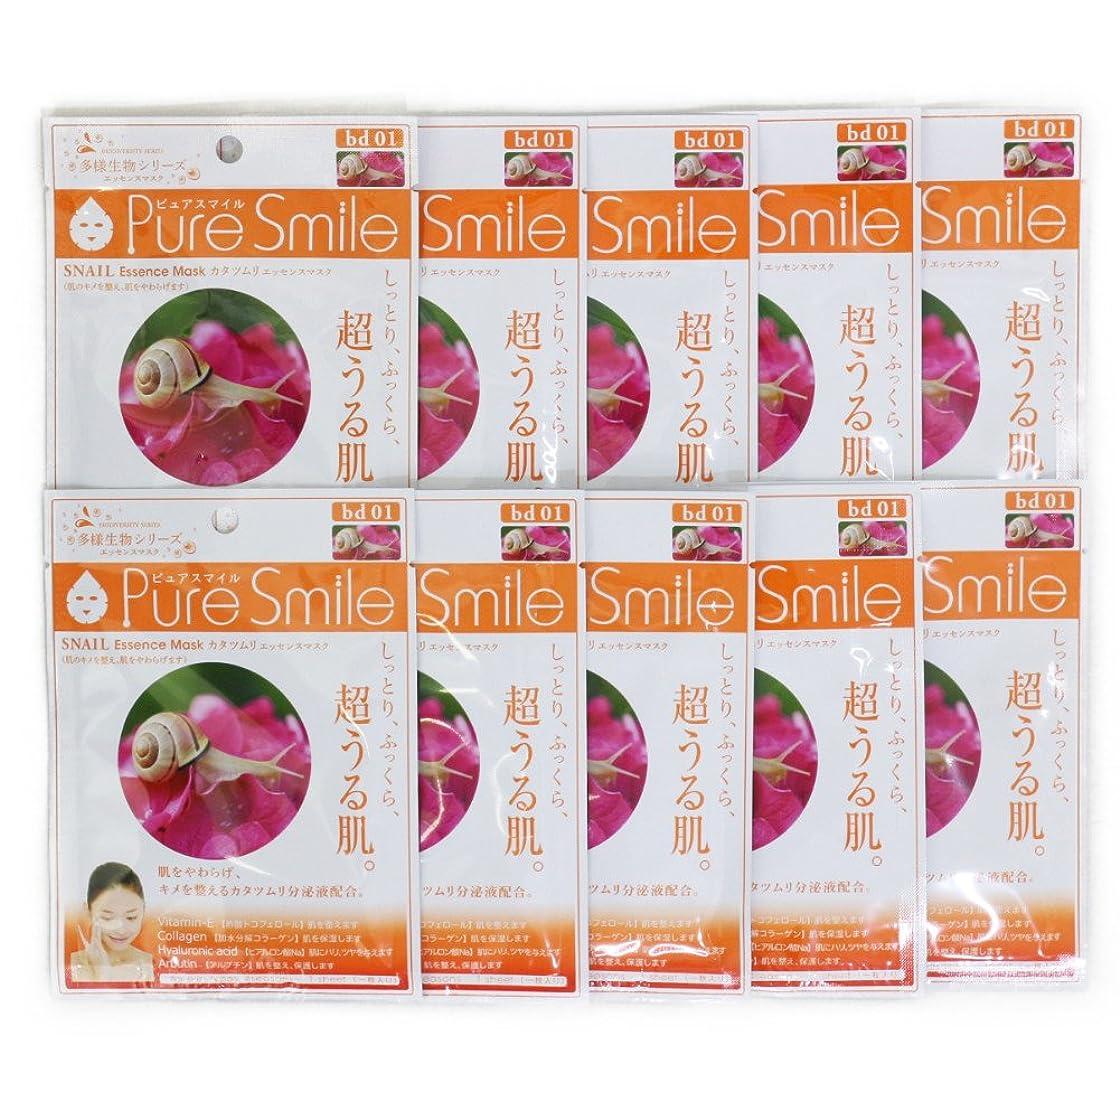 顔料粒子心配するPure Smile ピュアスマイル 多様生物エッセンスマスク カタツムリ 10枚セット